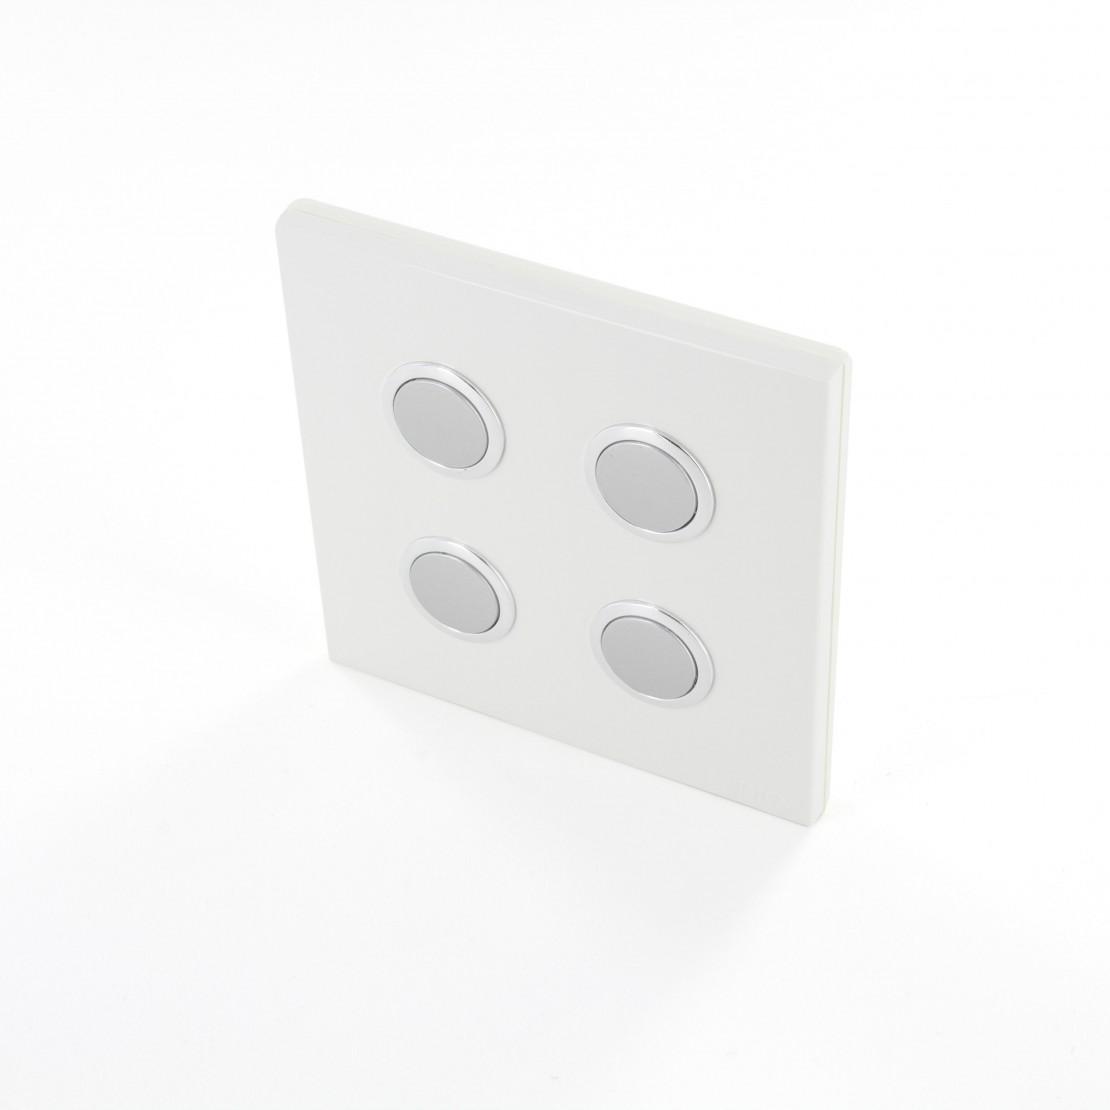 Interrupteur 868MHz 4 Canaux B lanc